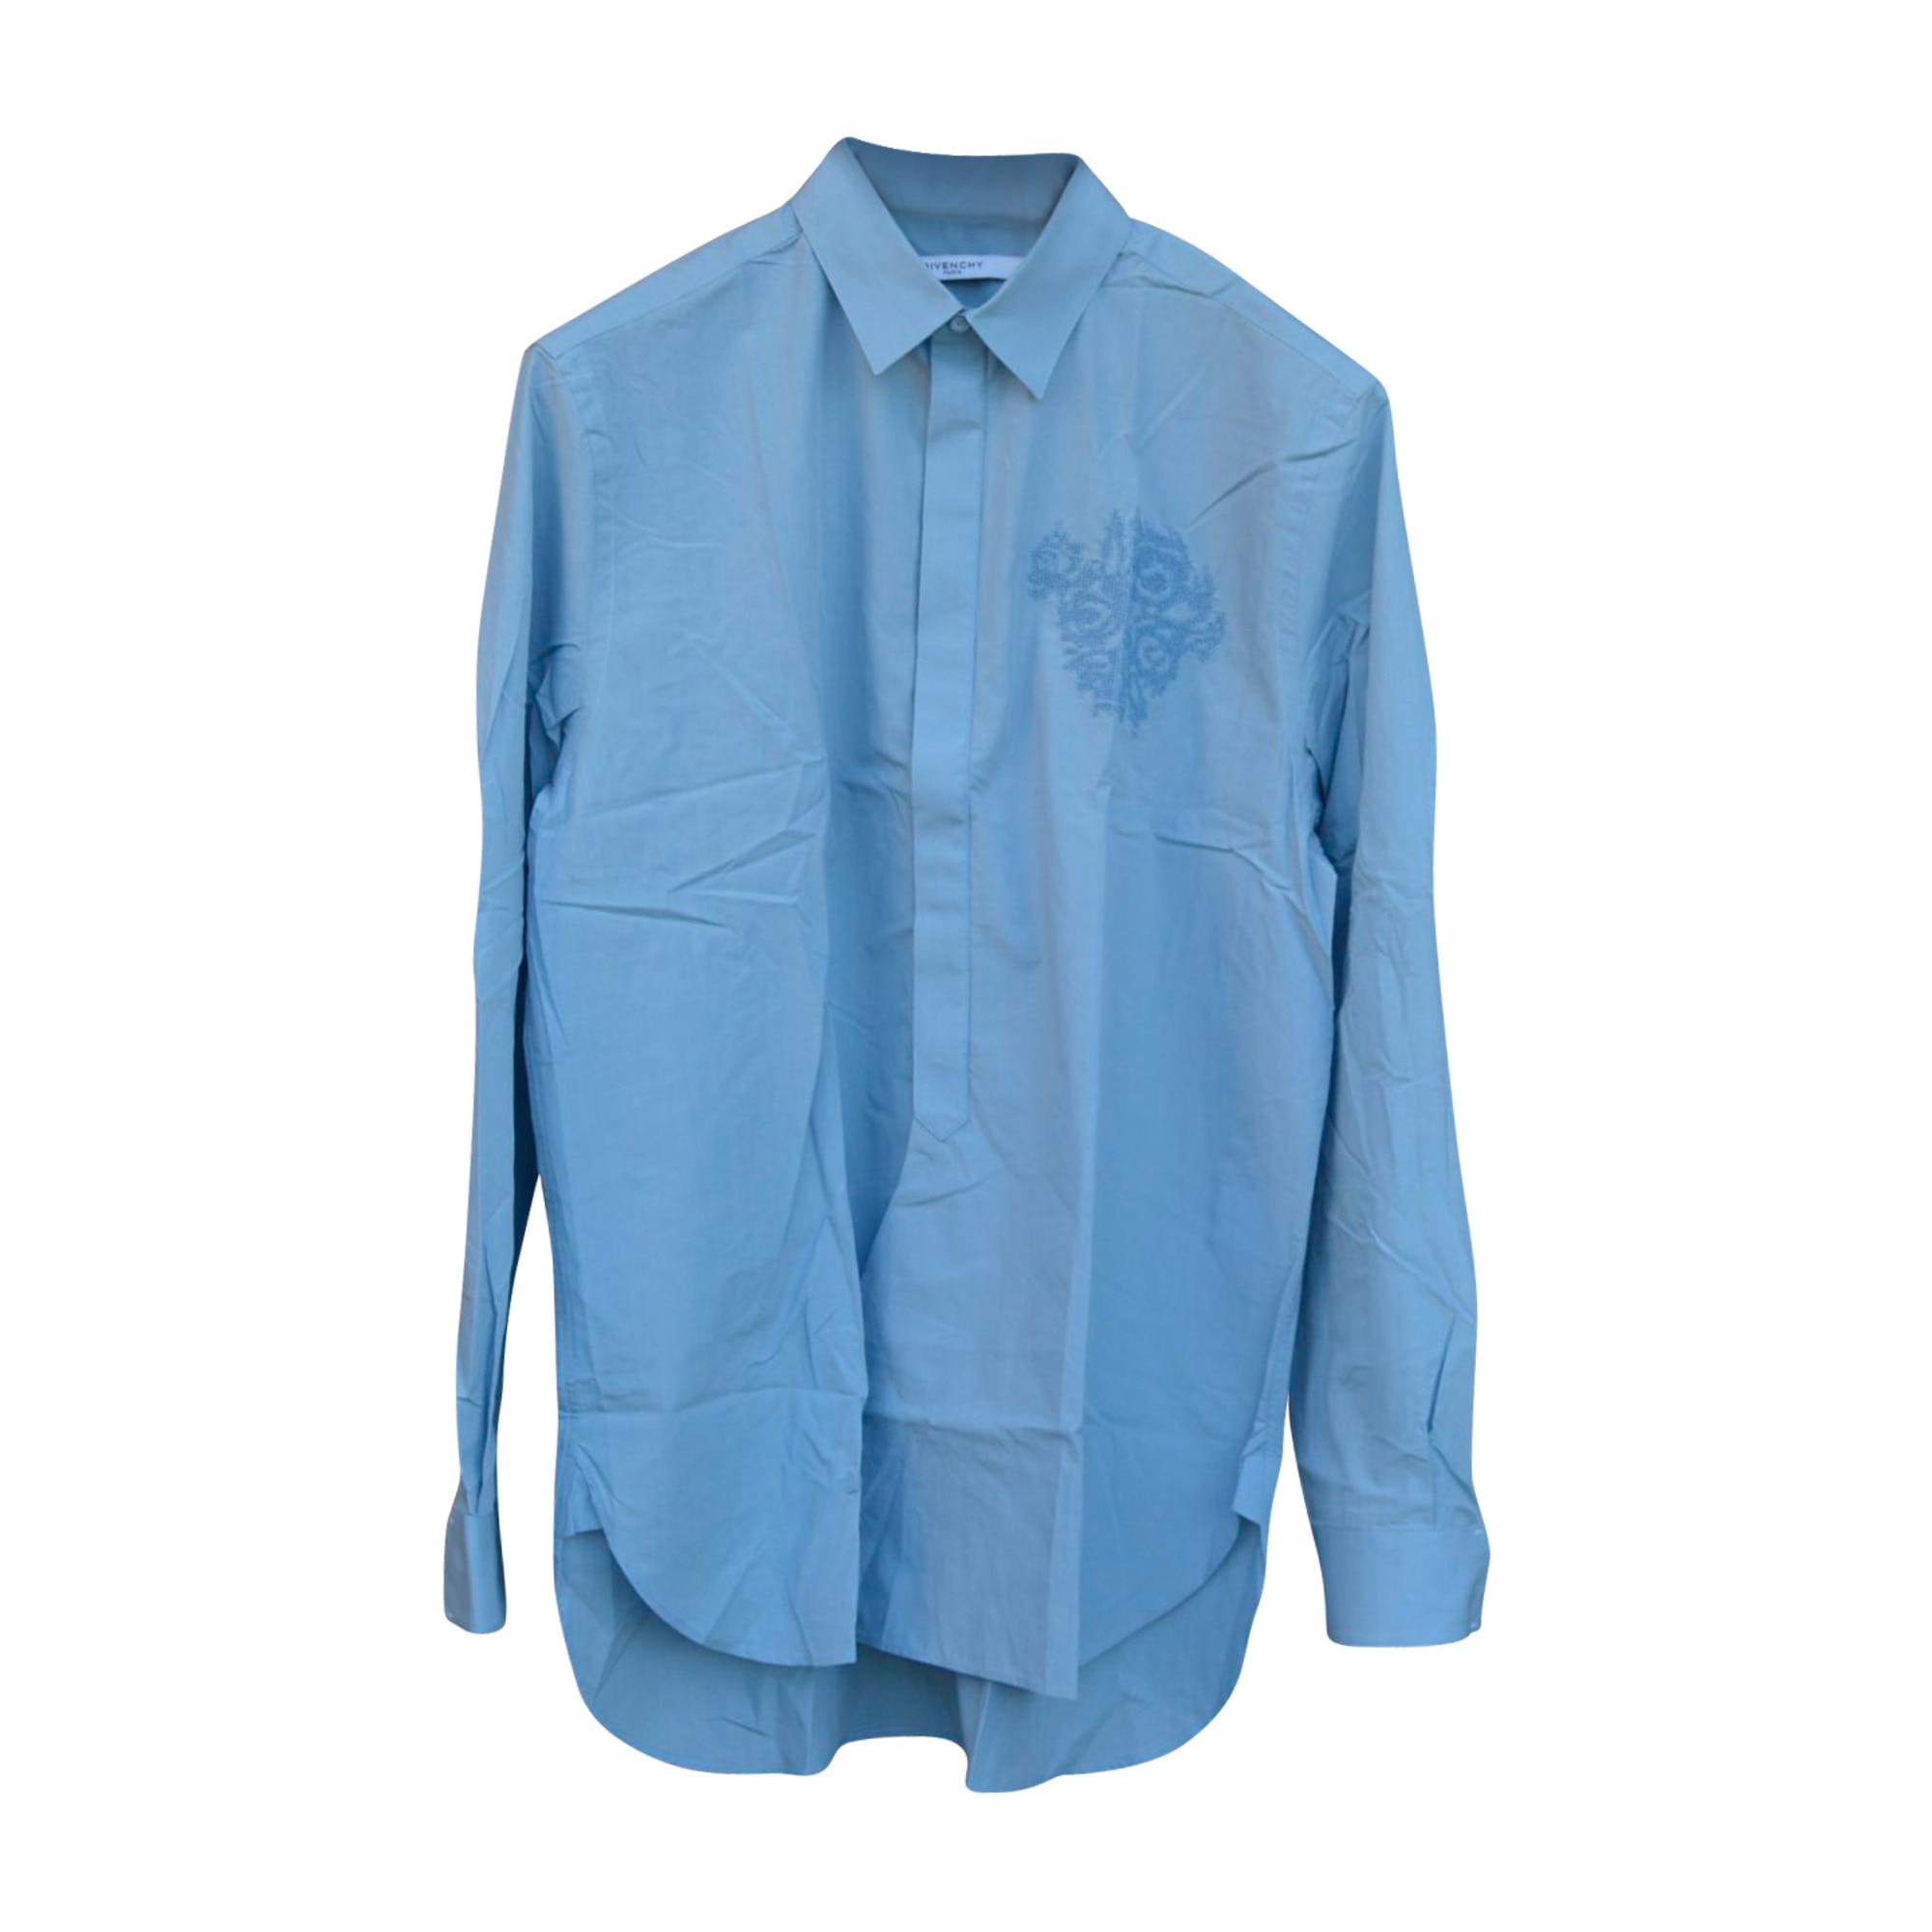 Chemise GIVENCHY Bleu, bleu marine, bleu turquoise